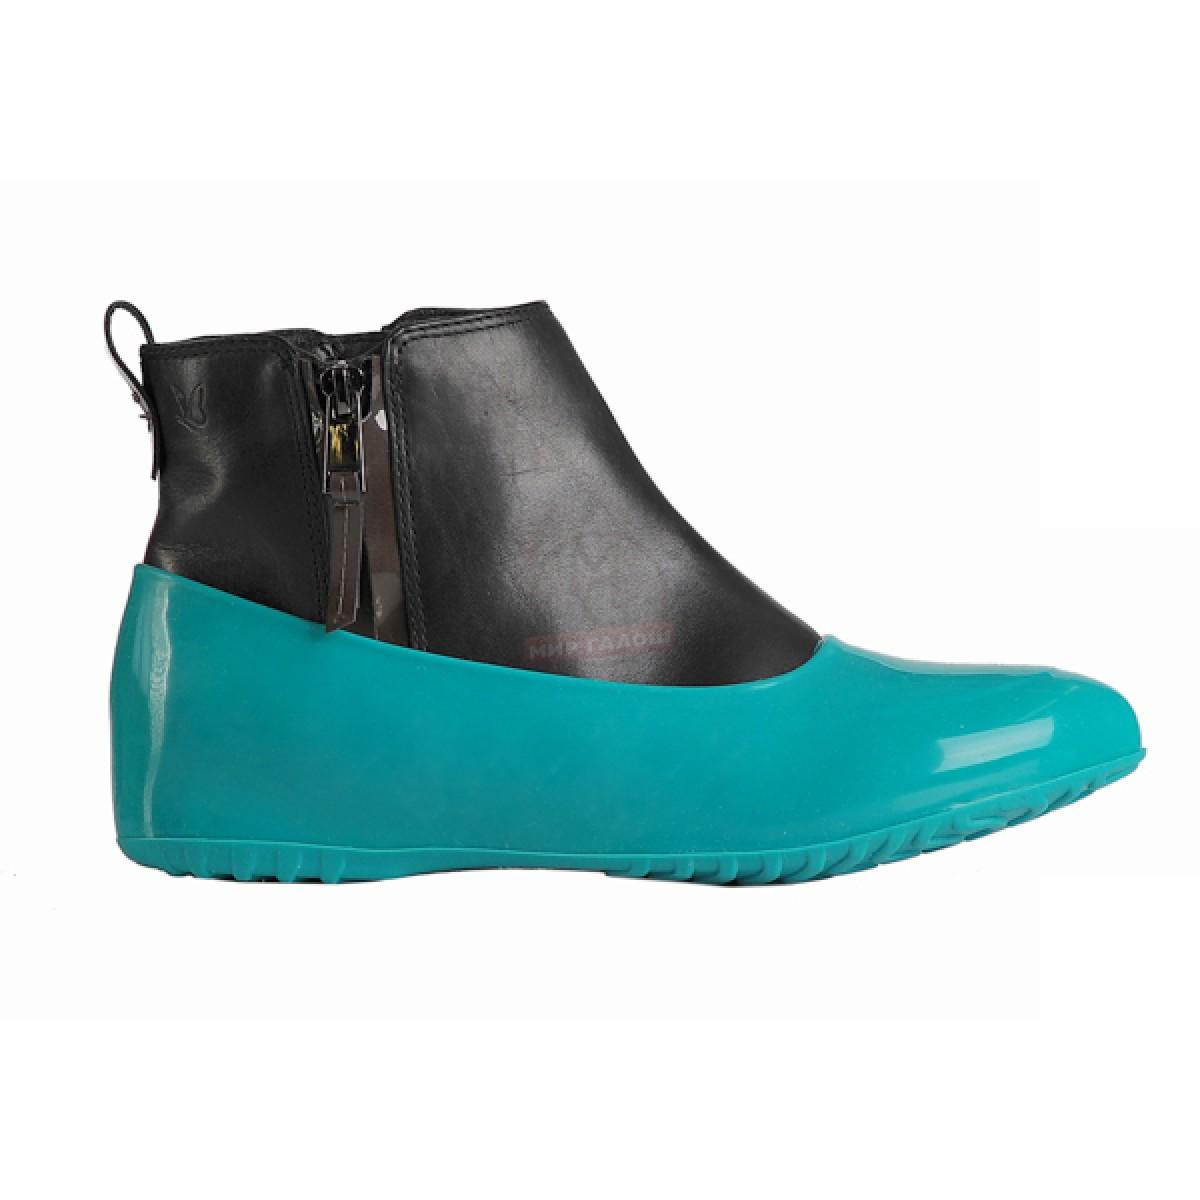 Женские галоши для обуви без каблука, зеленая мята